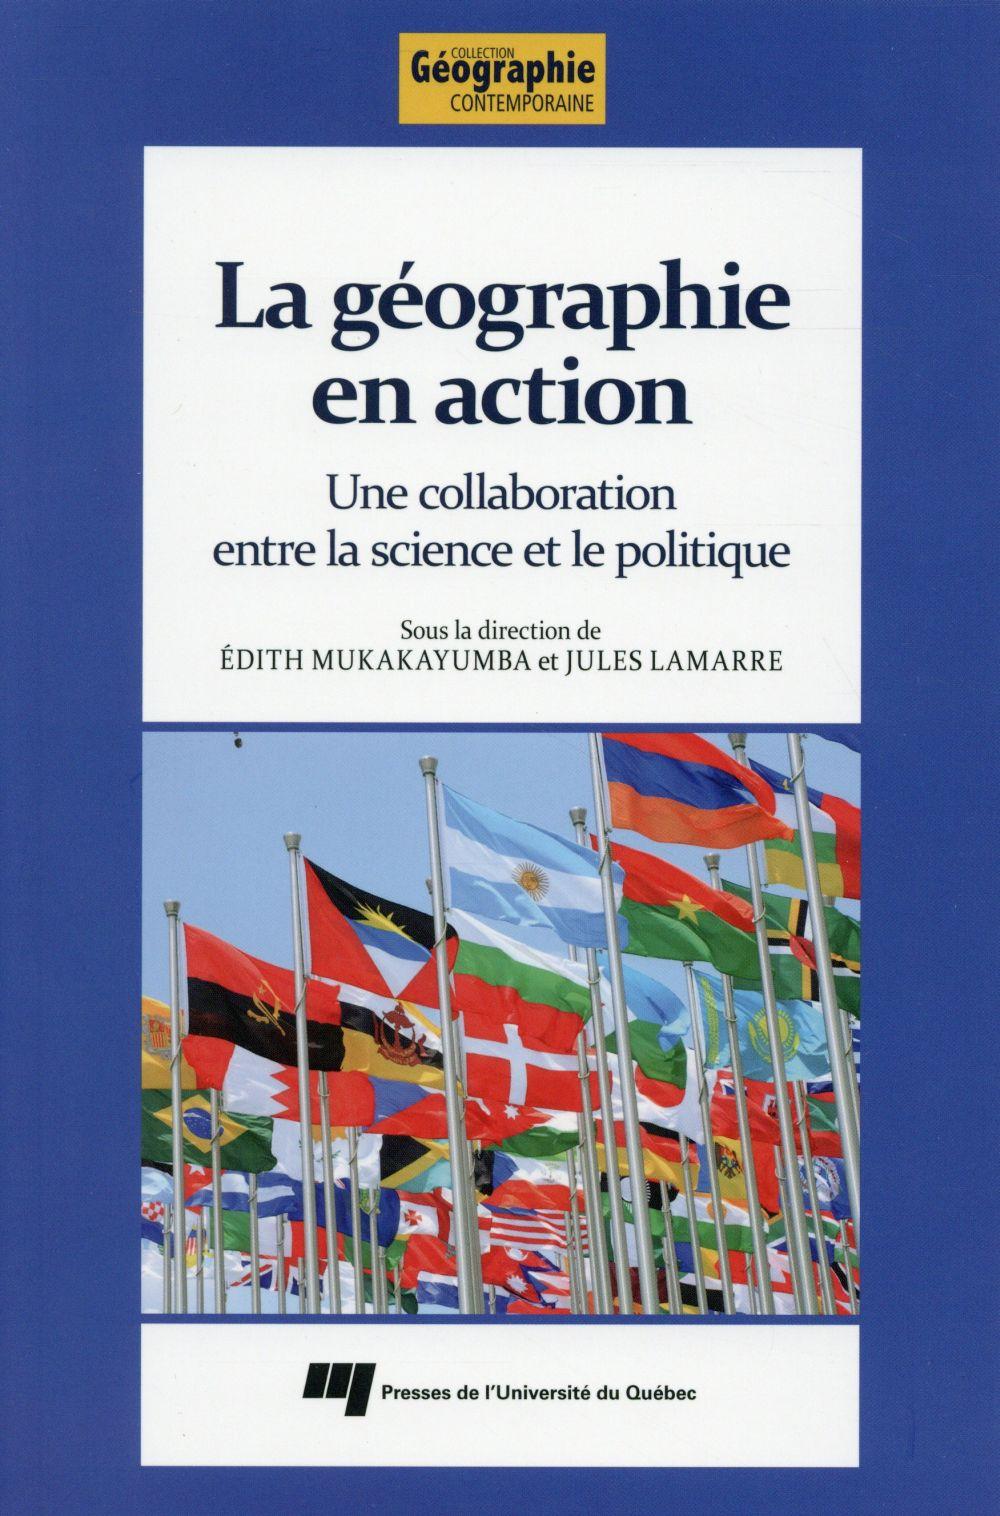 La géographie en action, Une collaboration entre la science et le politique